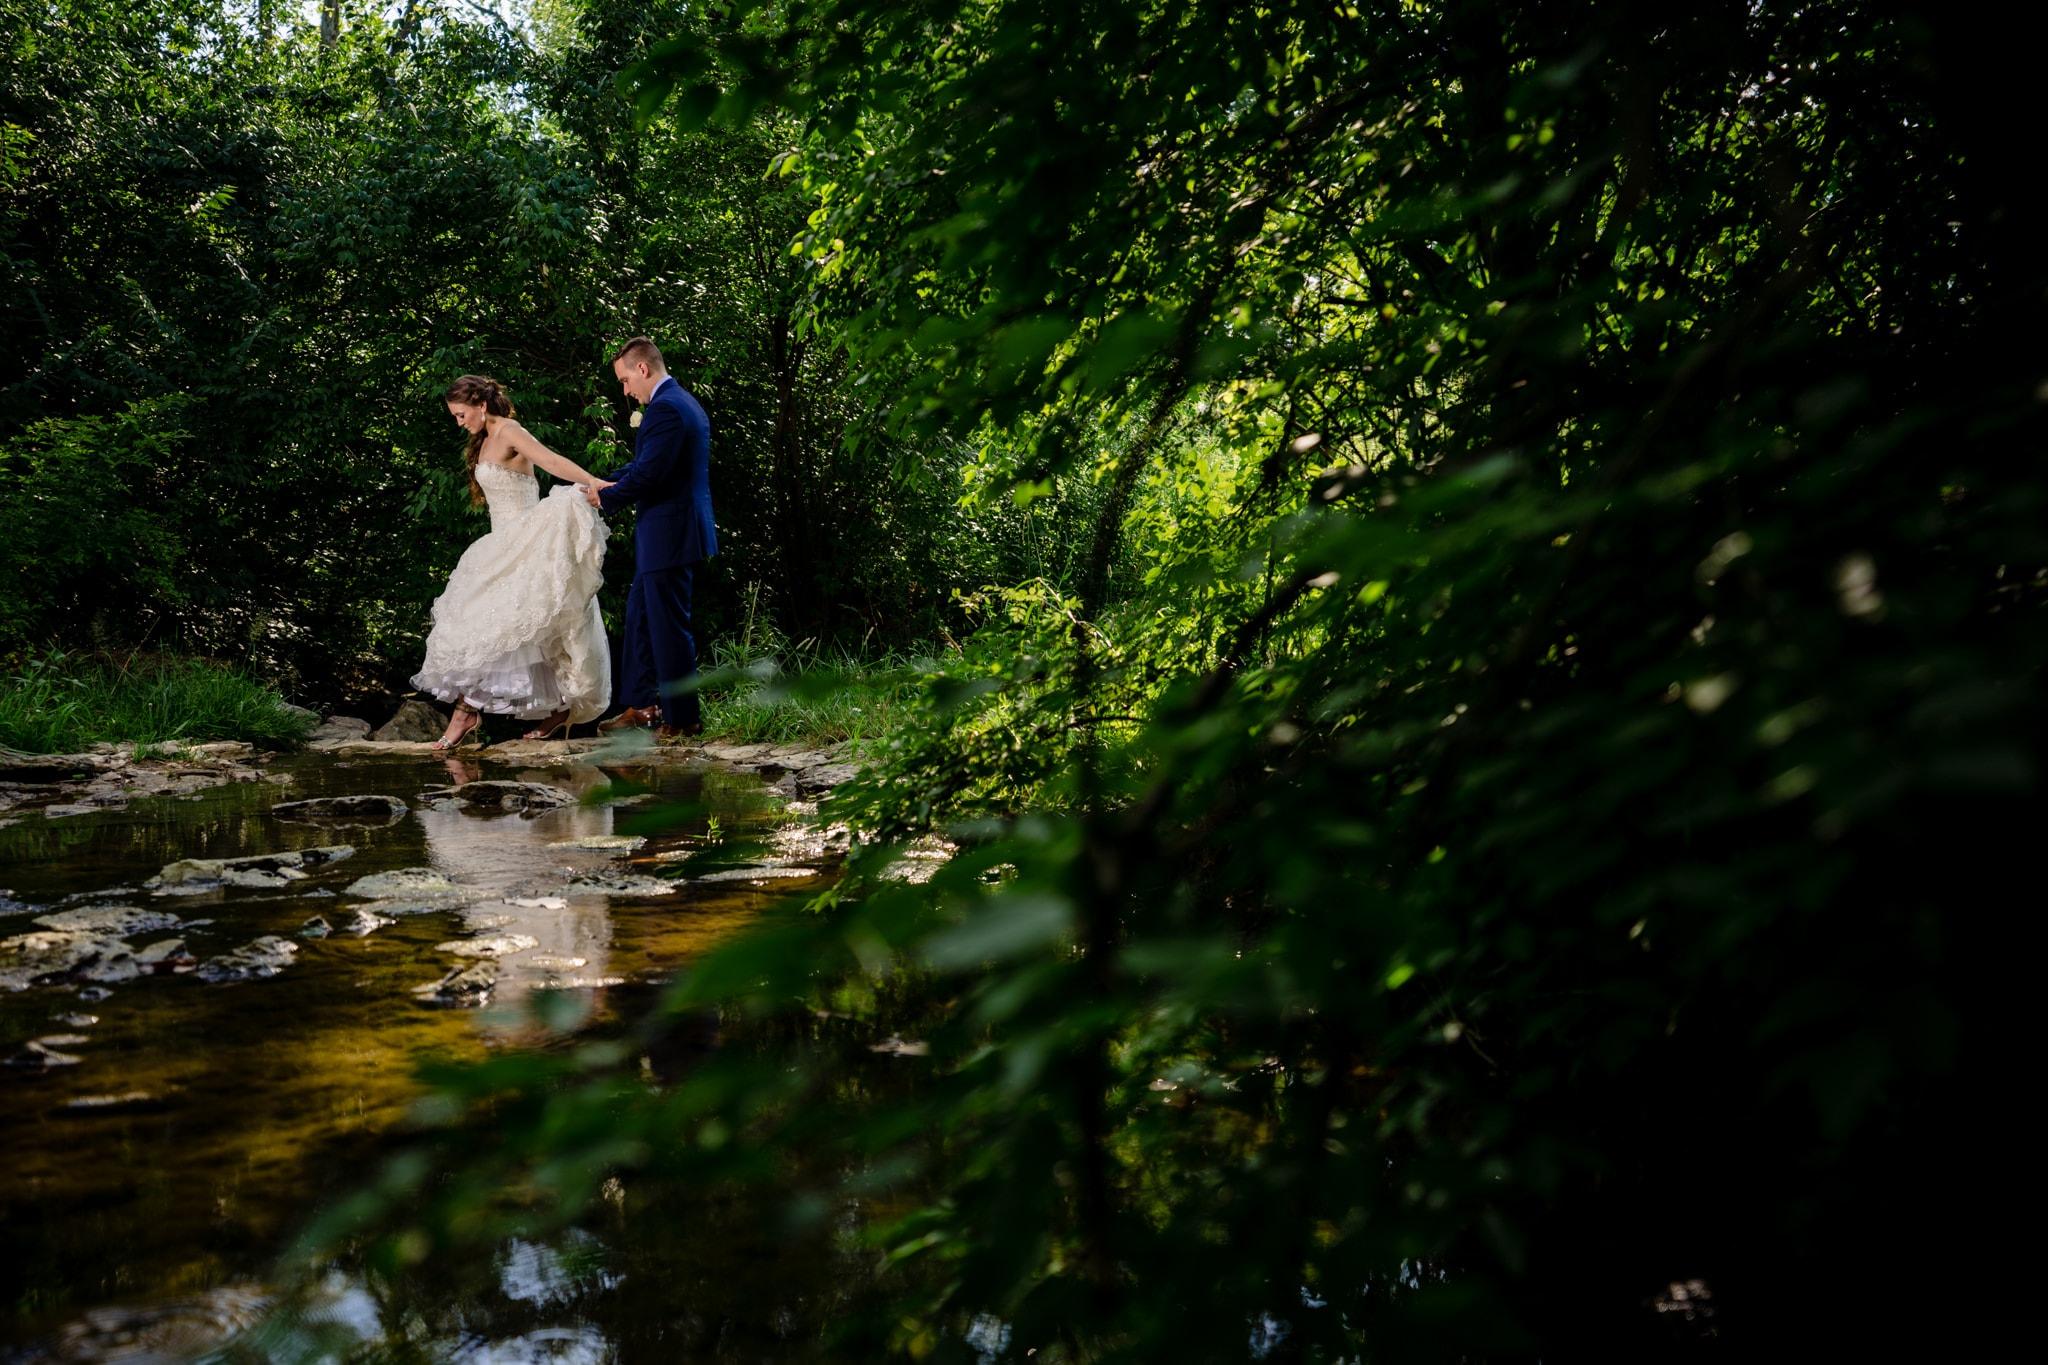 Studio 22 Photography - Wedding Photographers in Dayton - Ohio Barn Wedding